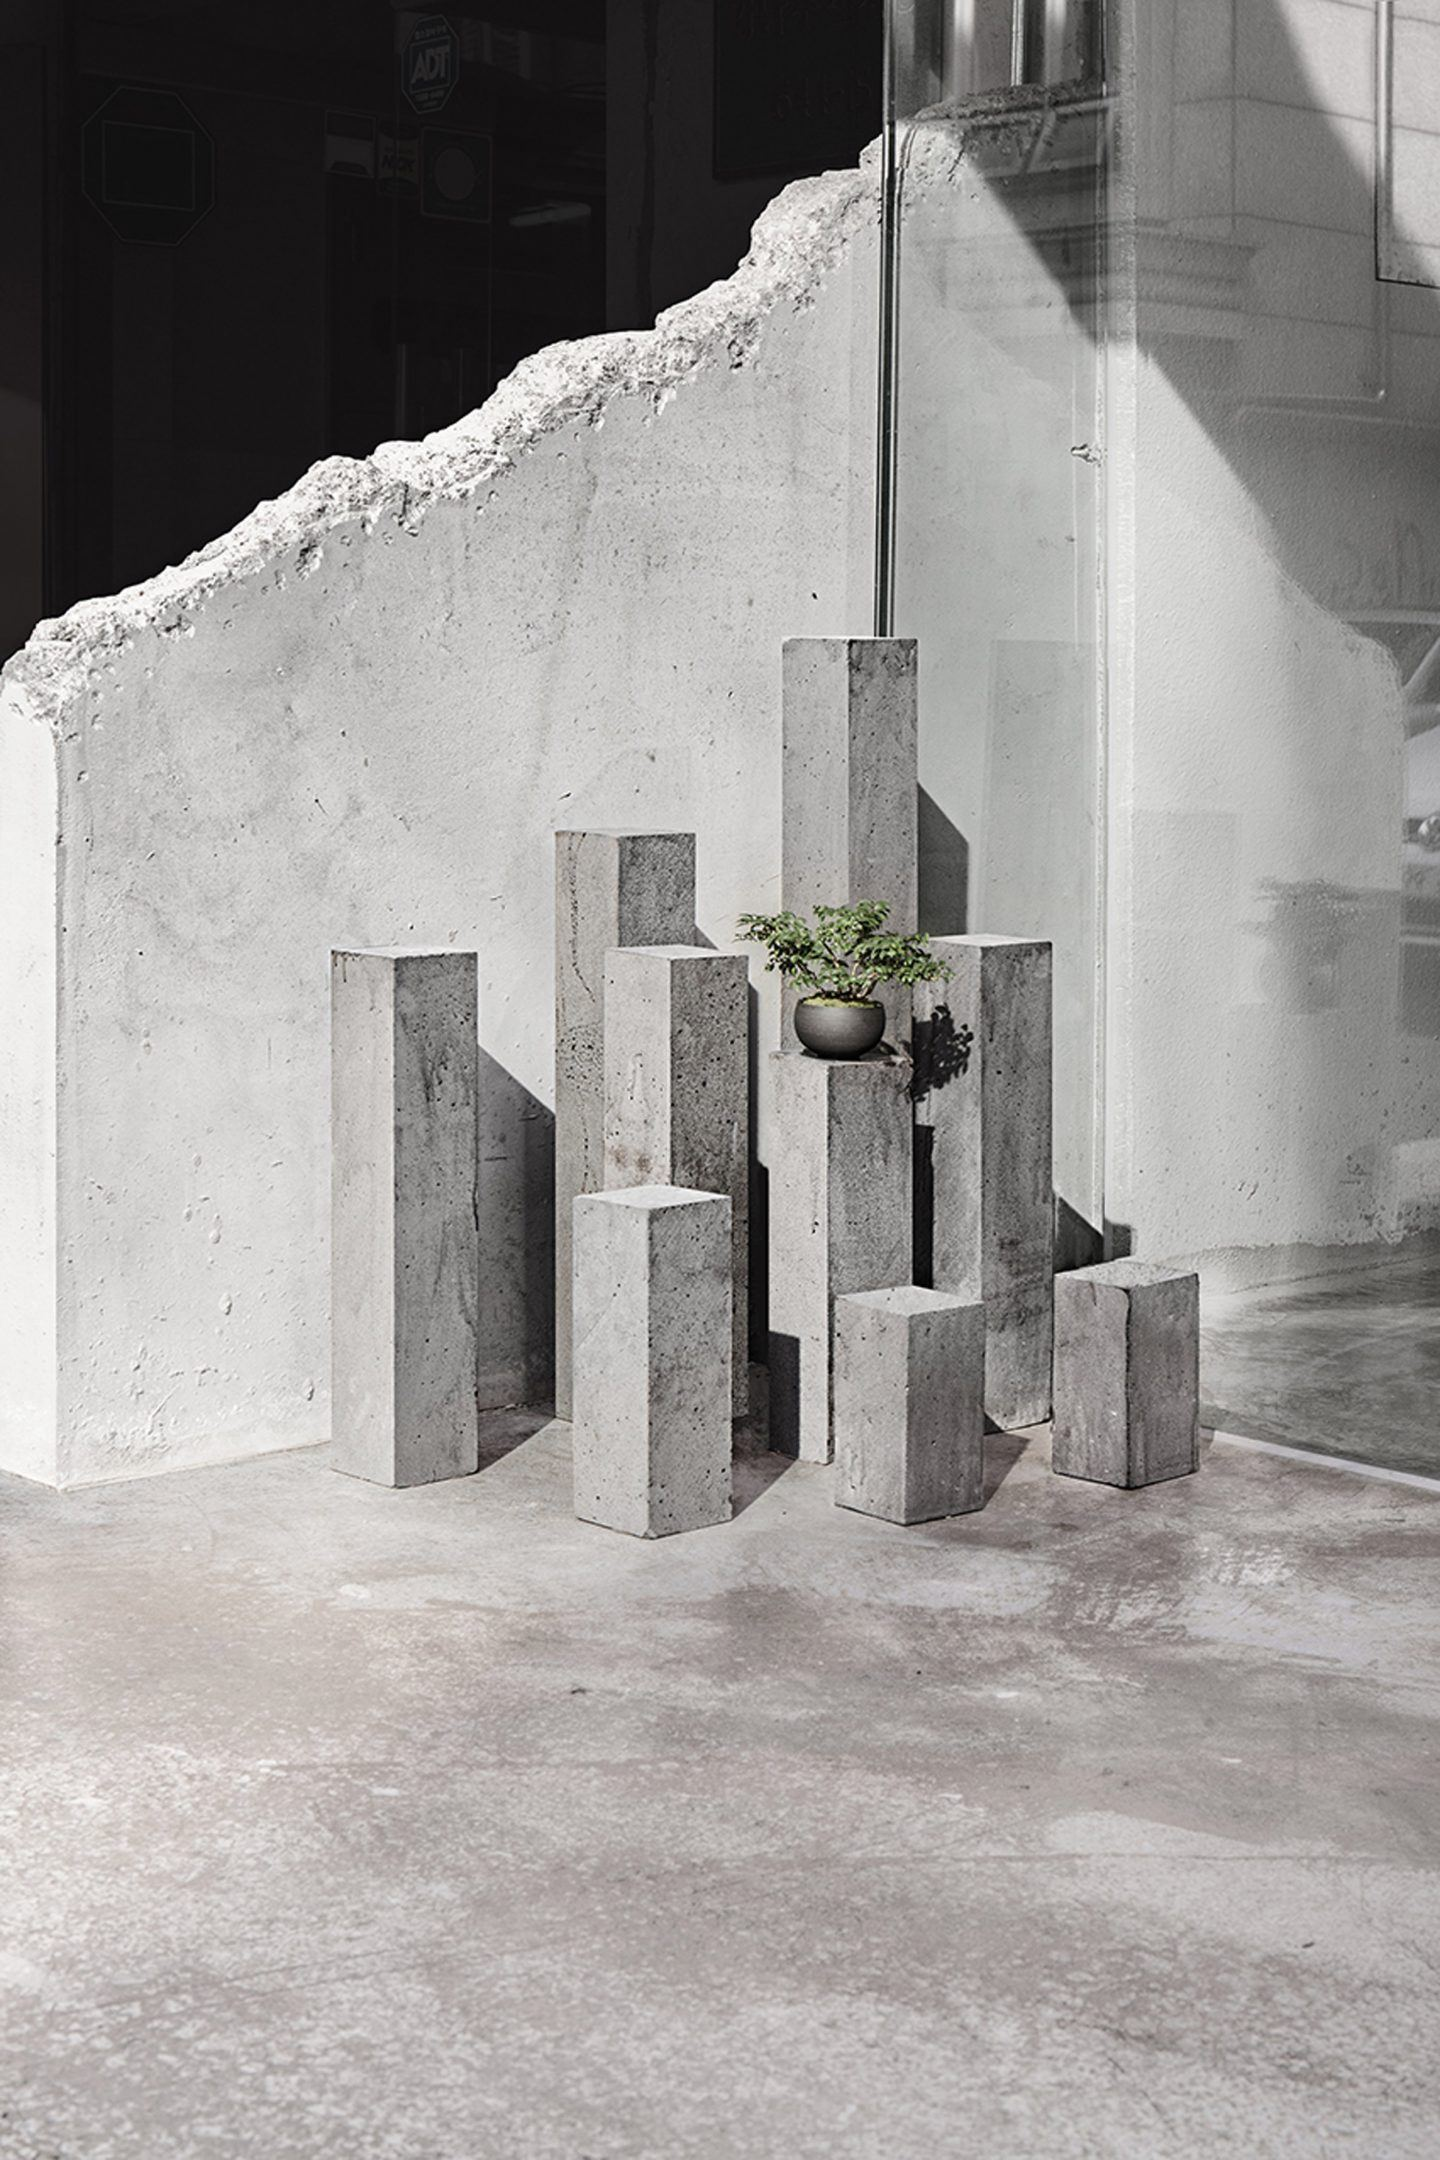 IGNANT-Design-Jeonghwa-Seo-Et-Cetera-6